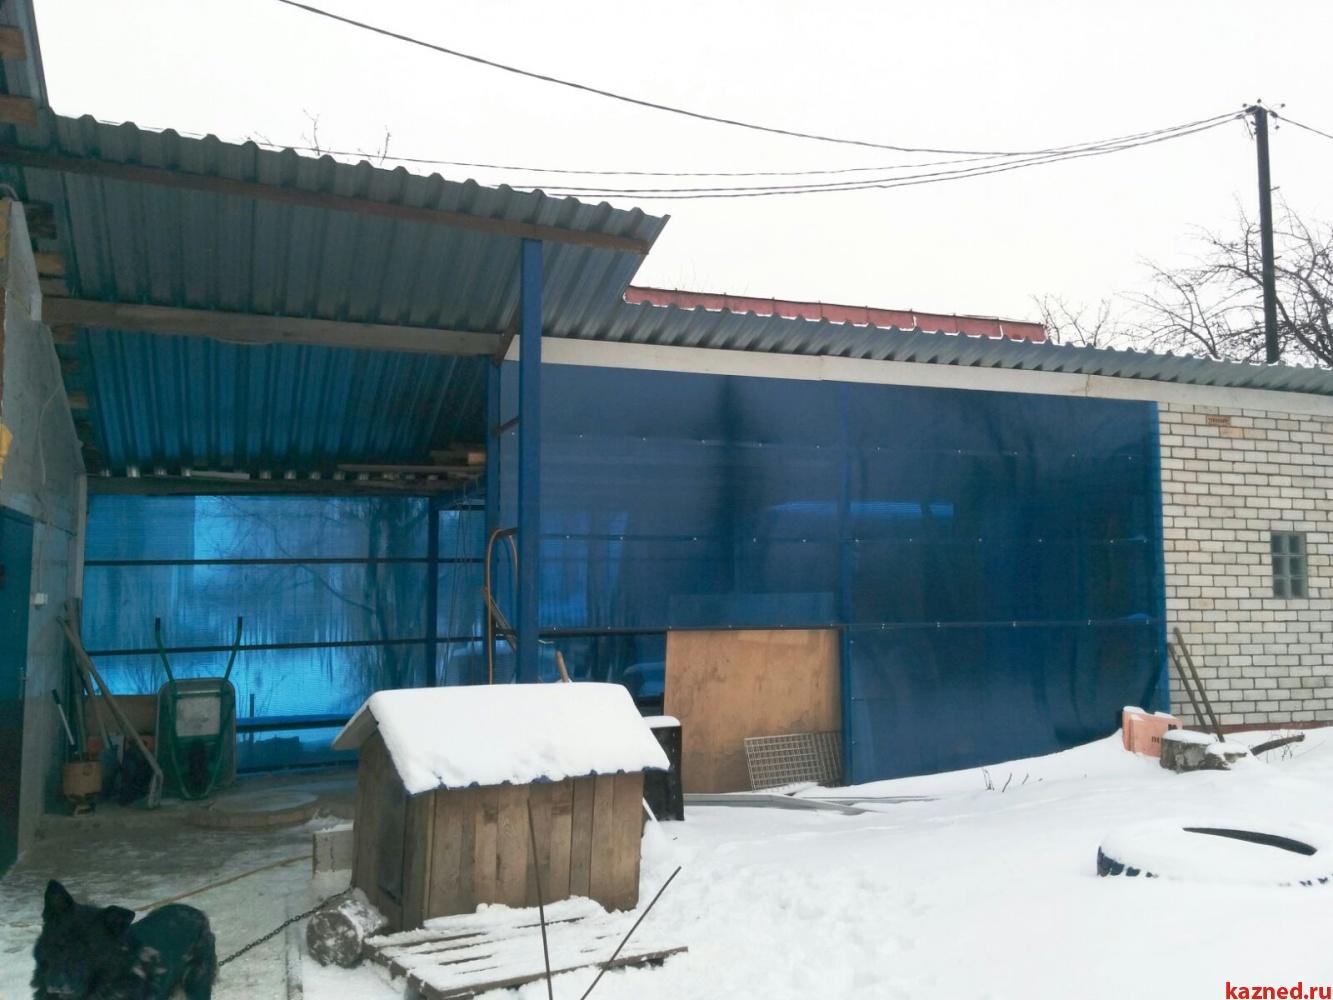 Продажа  Дома Мирный пос. 4-я Давликеевская, 55 м2  (миниатюра №6)